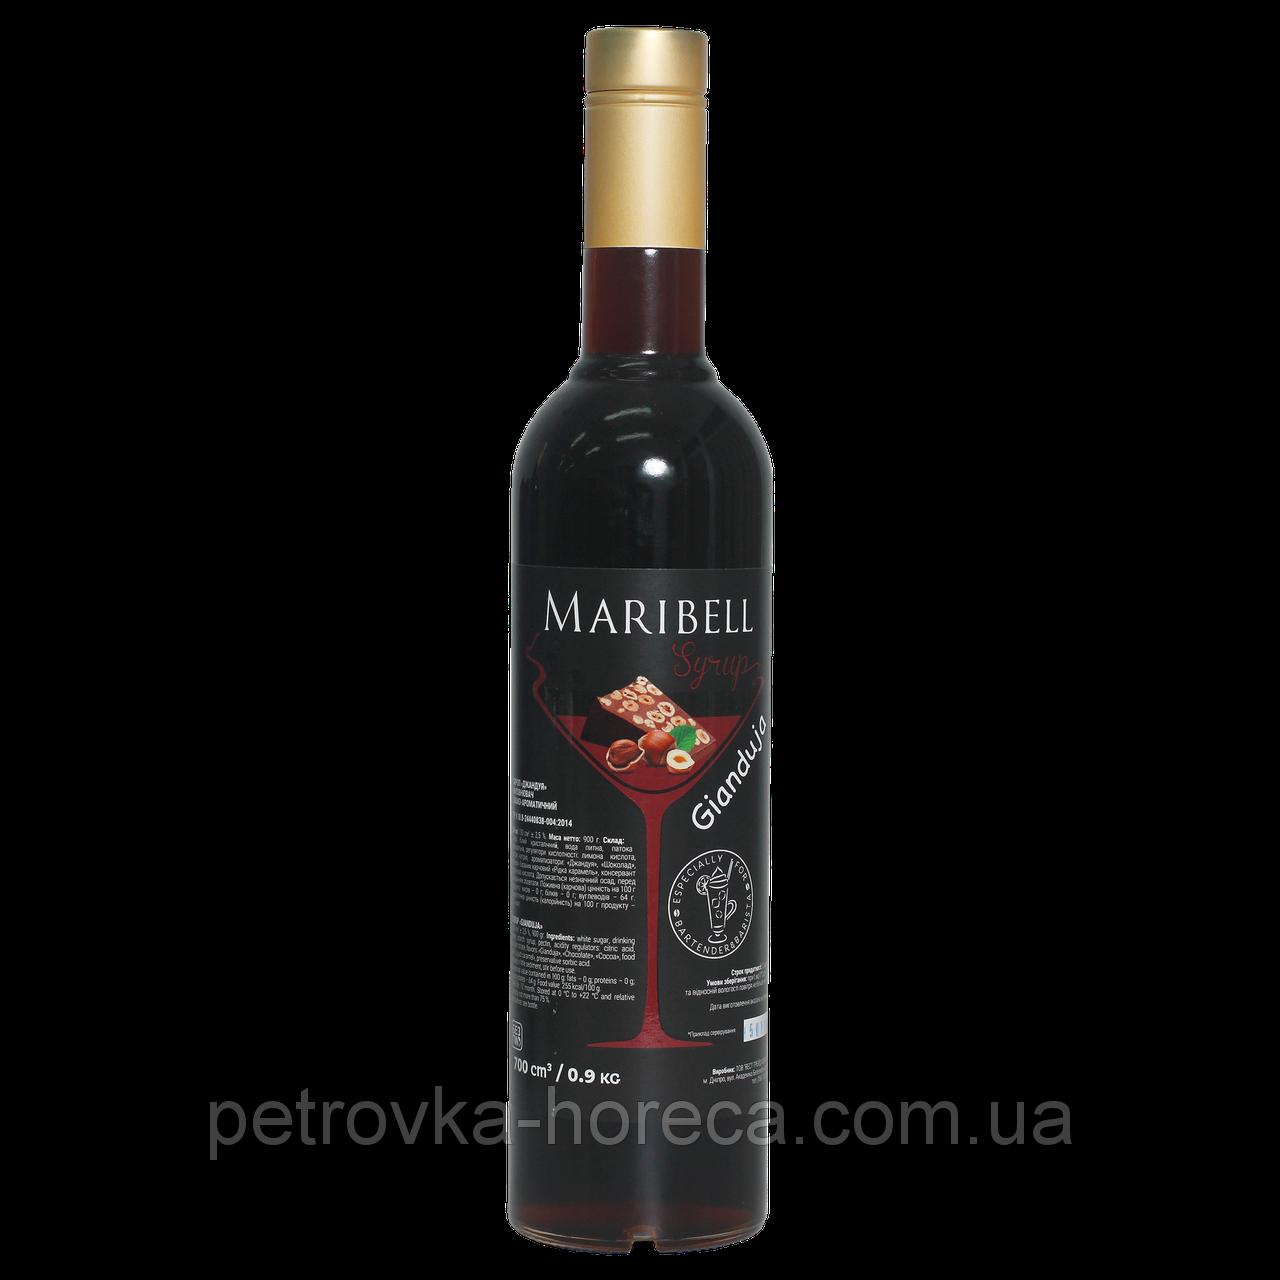 """Сироп коктейльный Maribell """"Джандуя"""" 700мл"""